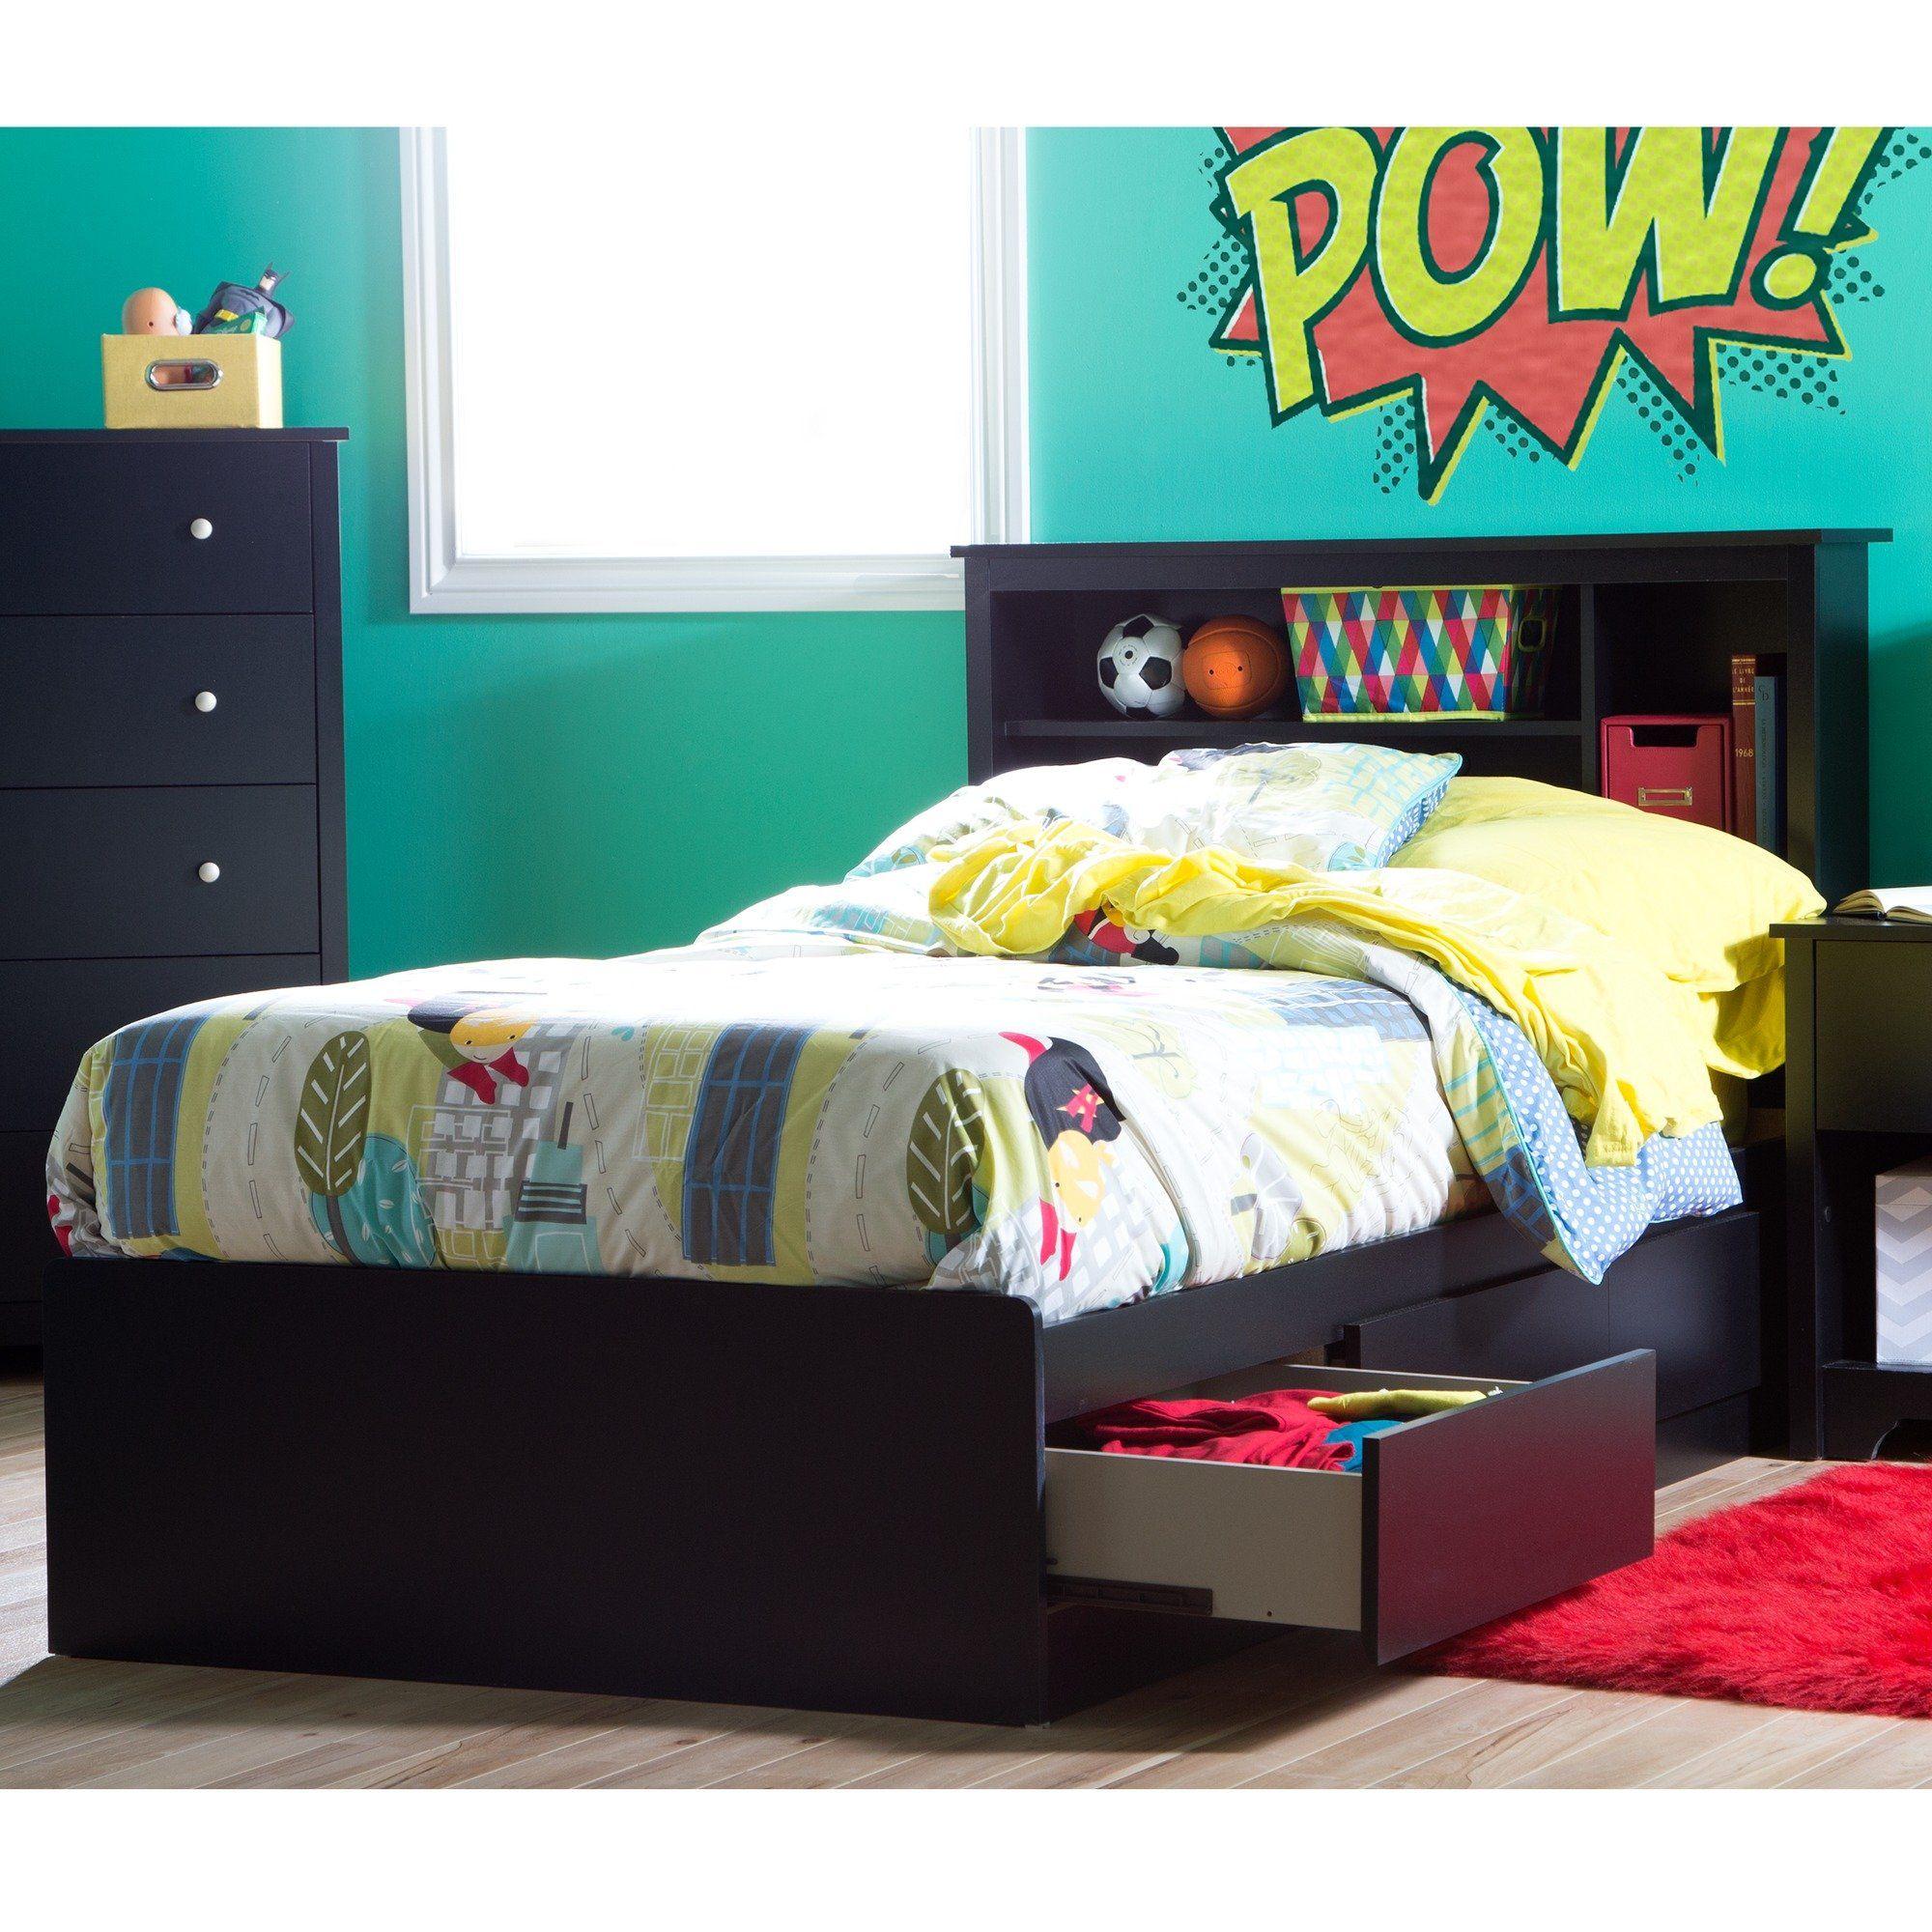 Black Twin Mates Storage Bed Bookcase Headboard Vito Twin